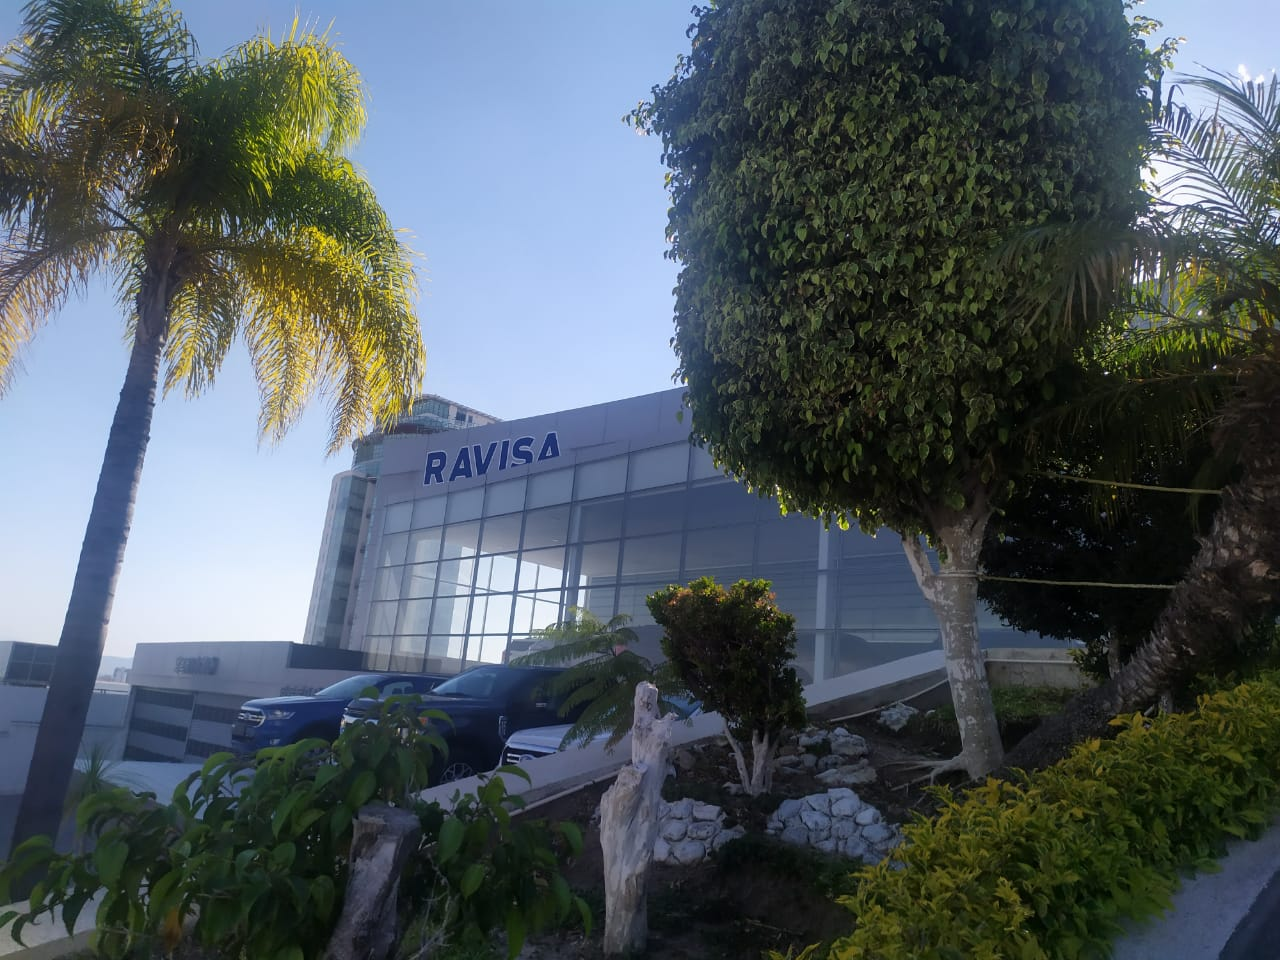 Ford Ravisa Querétaro - 2